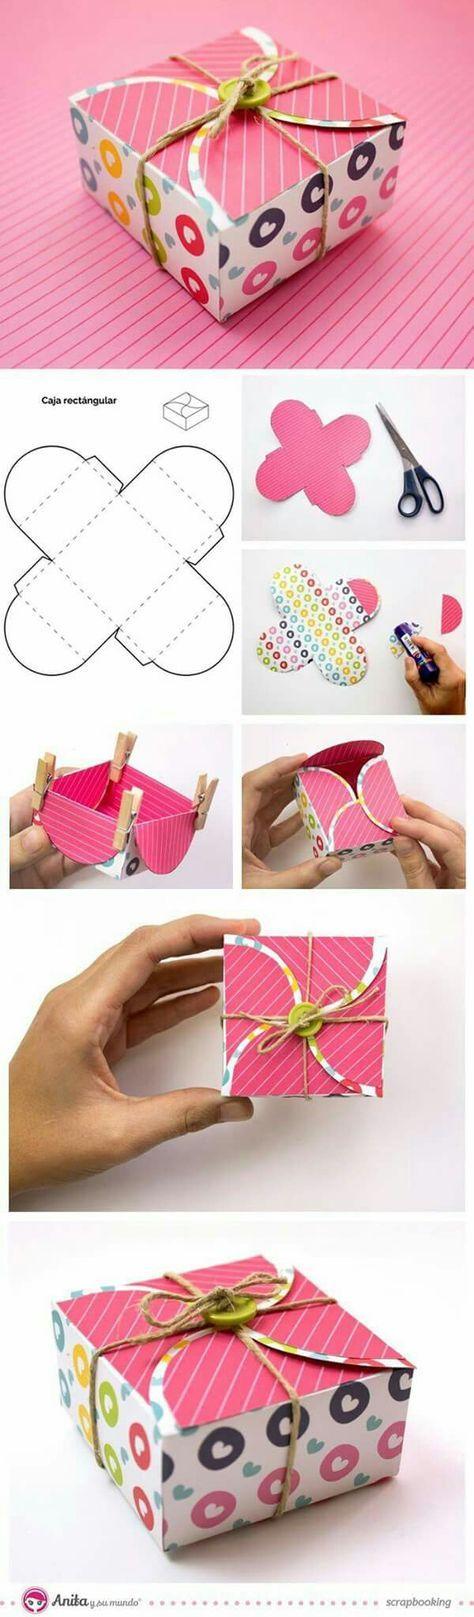 Как упаковать подарок в подарочную бумагу: в самодельной коробке